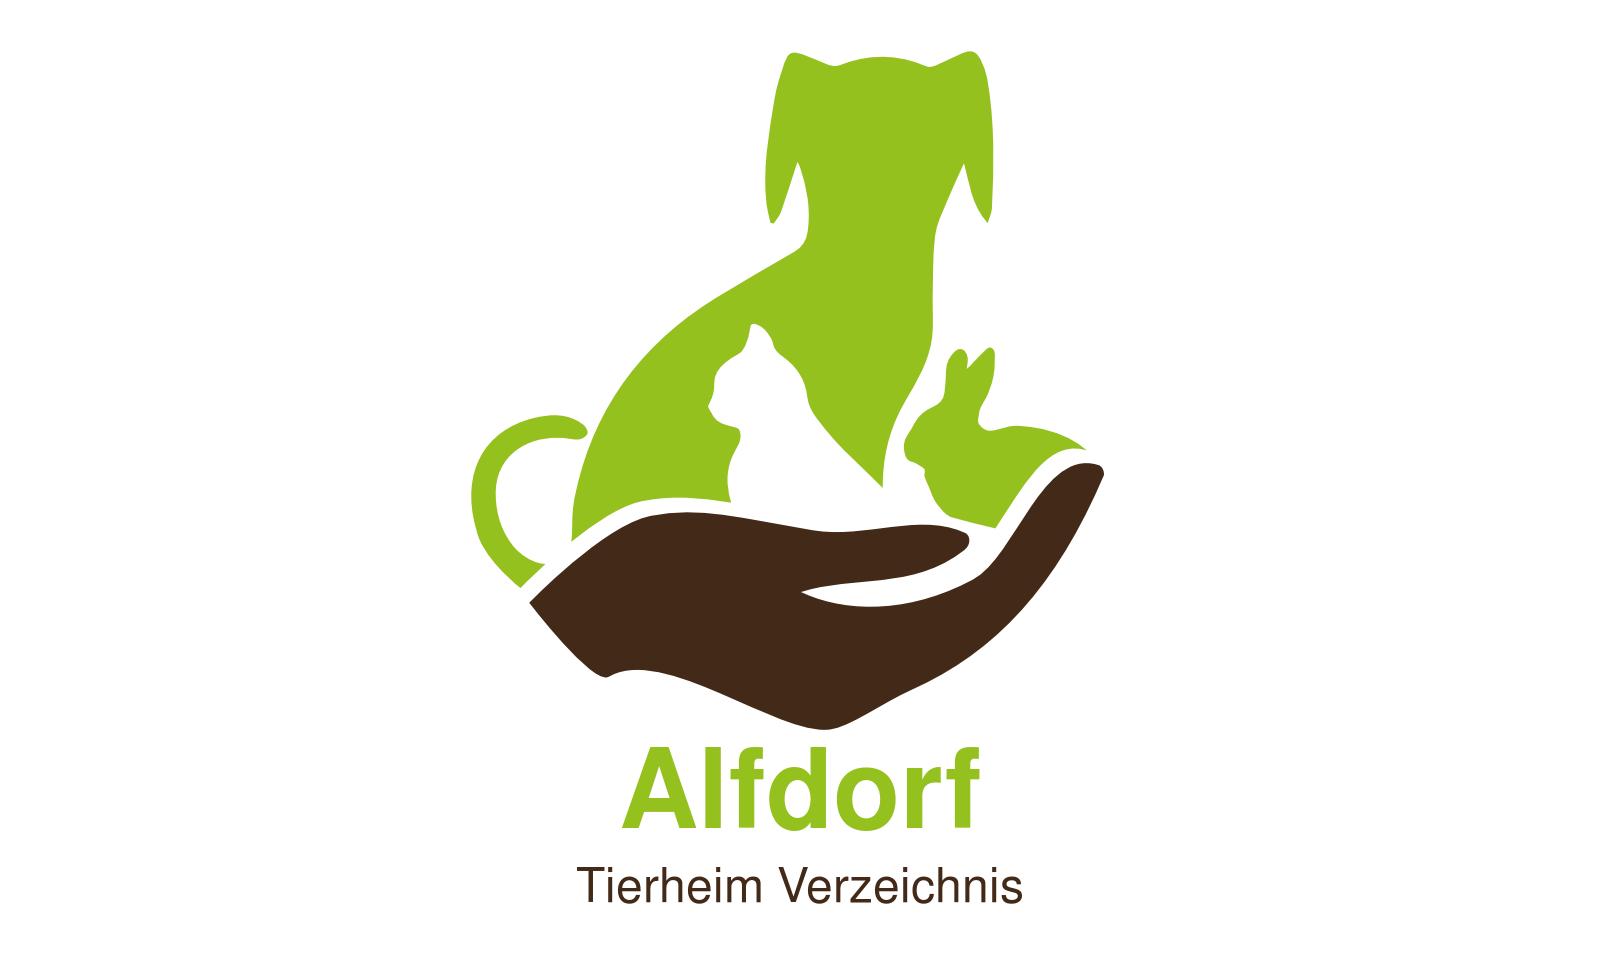 Tierheim Alfdorf